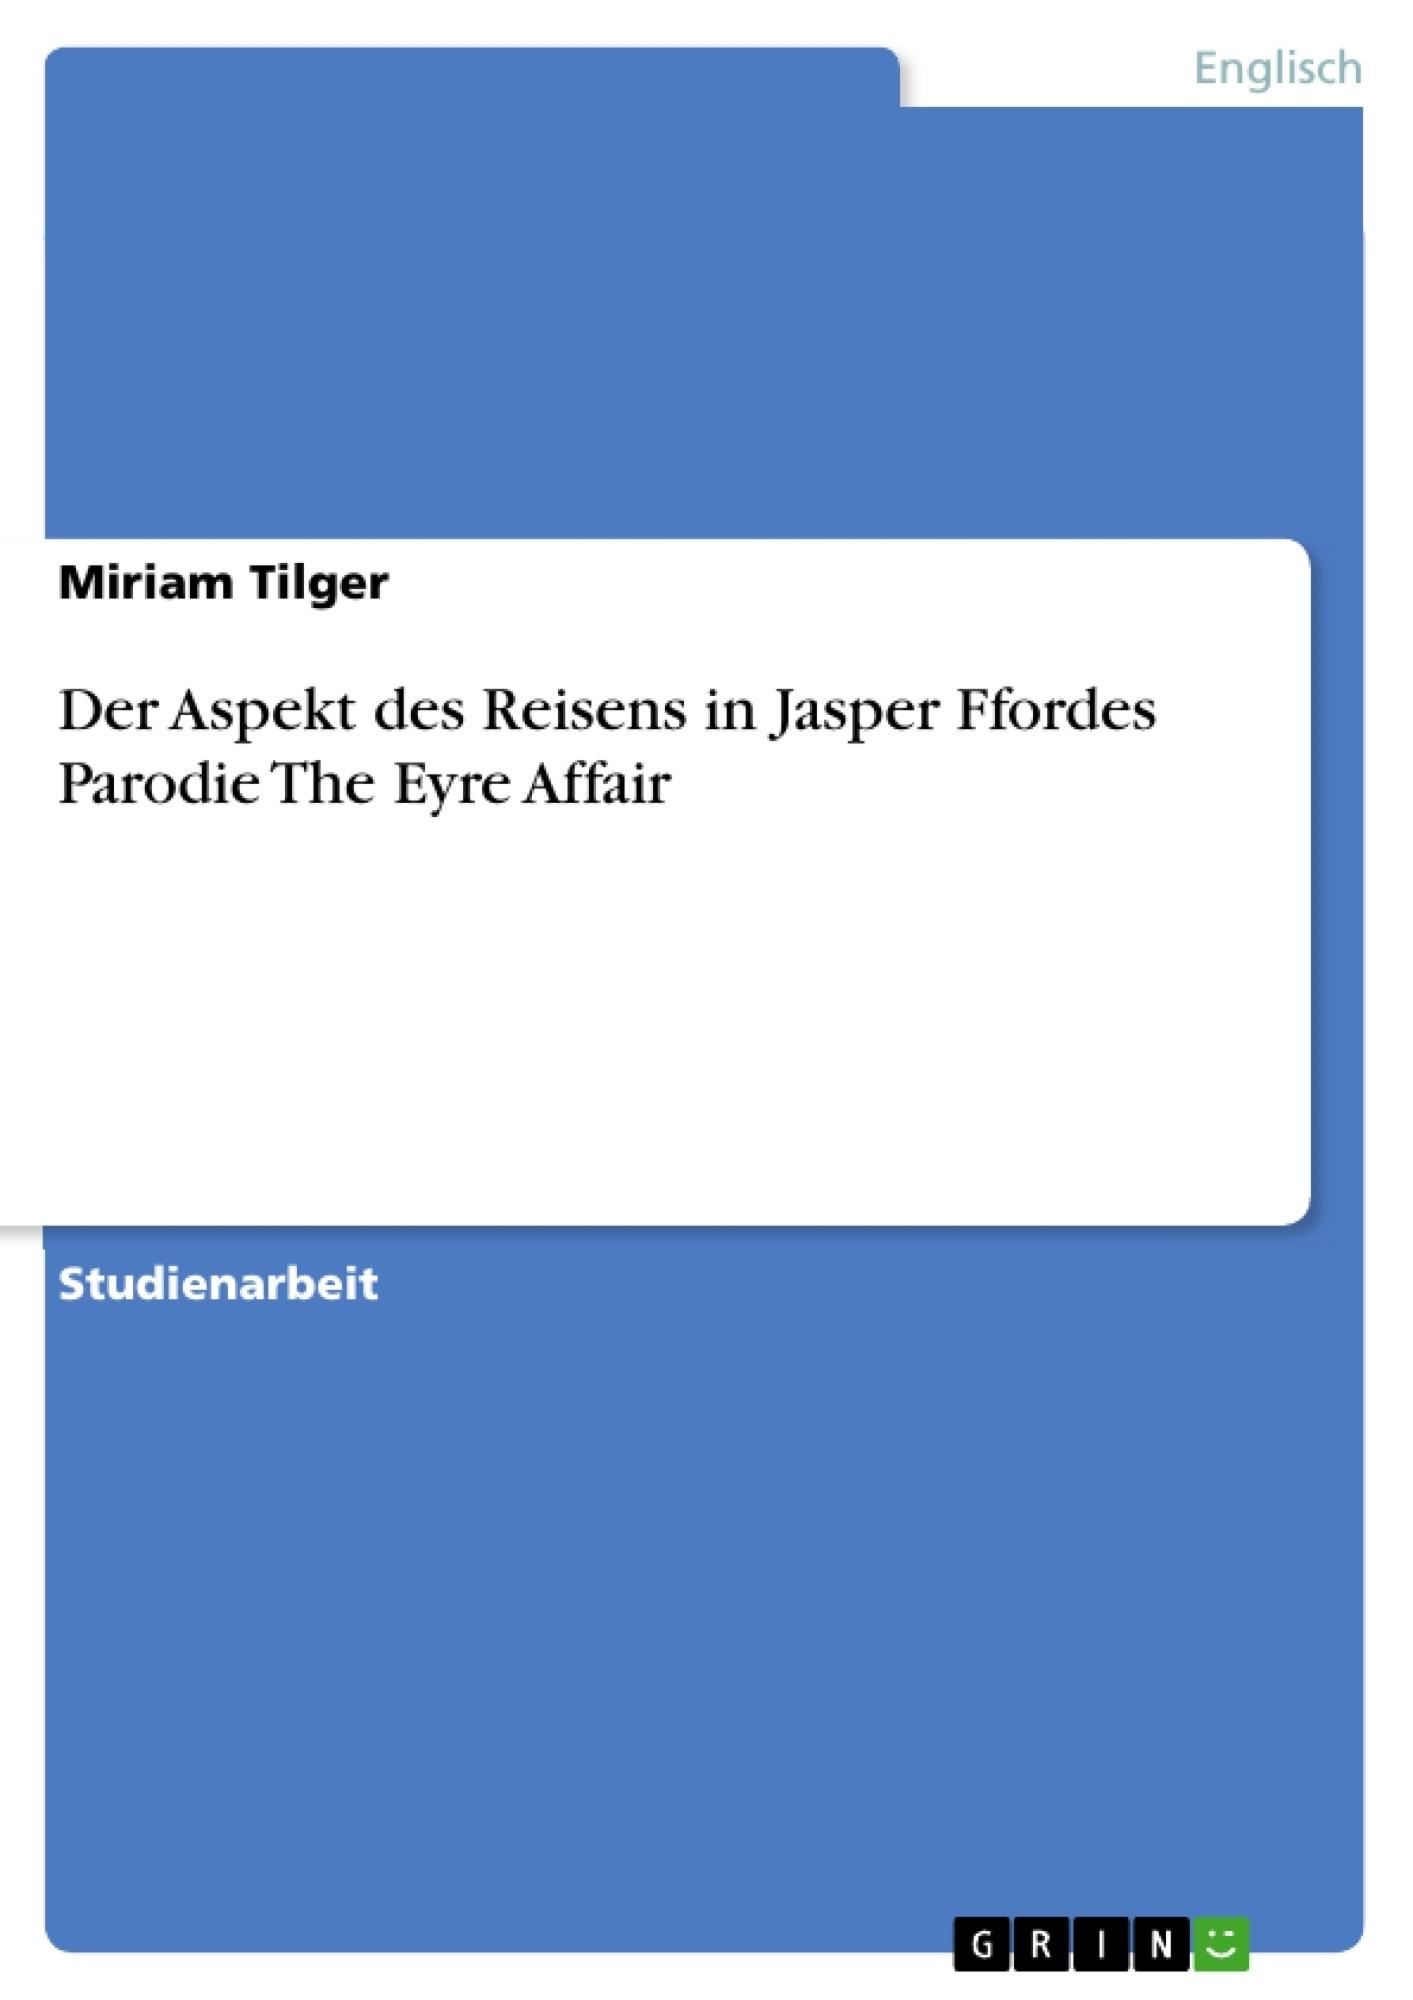 Titel: Der Aspekt des Reisens in Jasper Ffordes Parodie The Eyre Affair